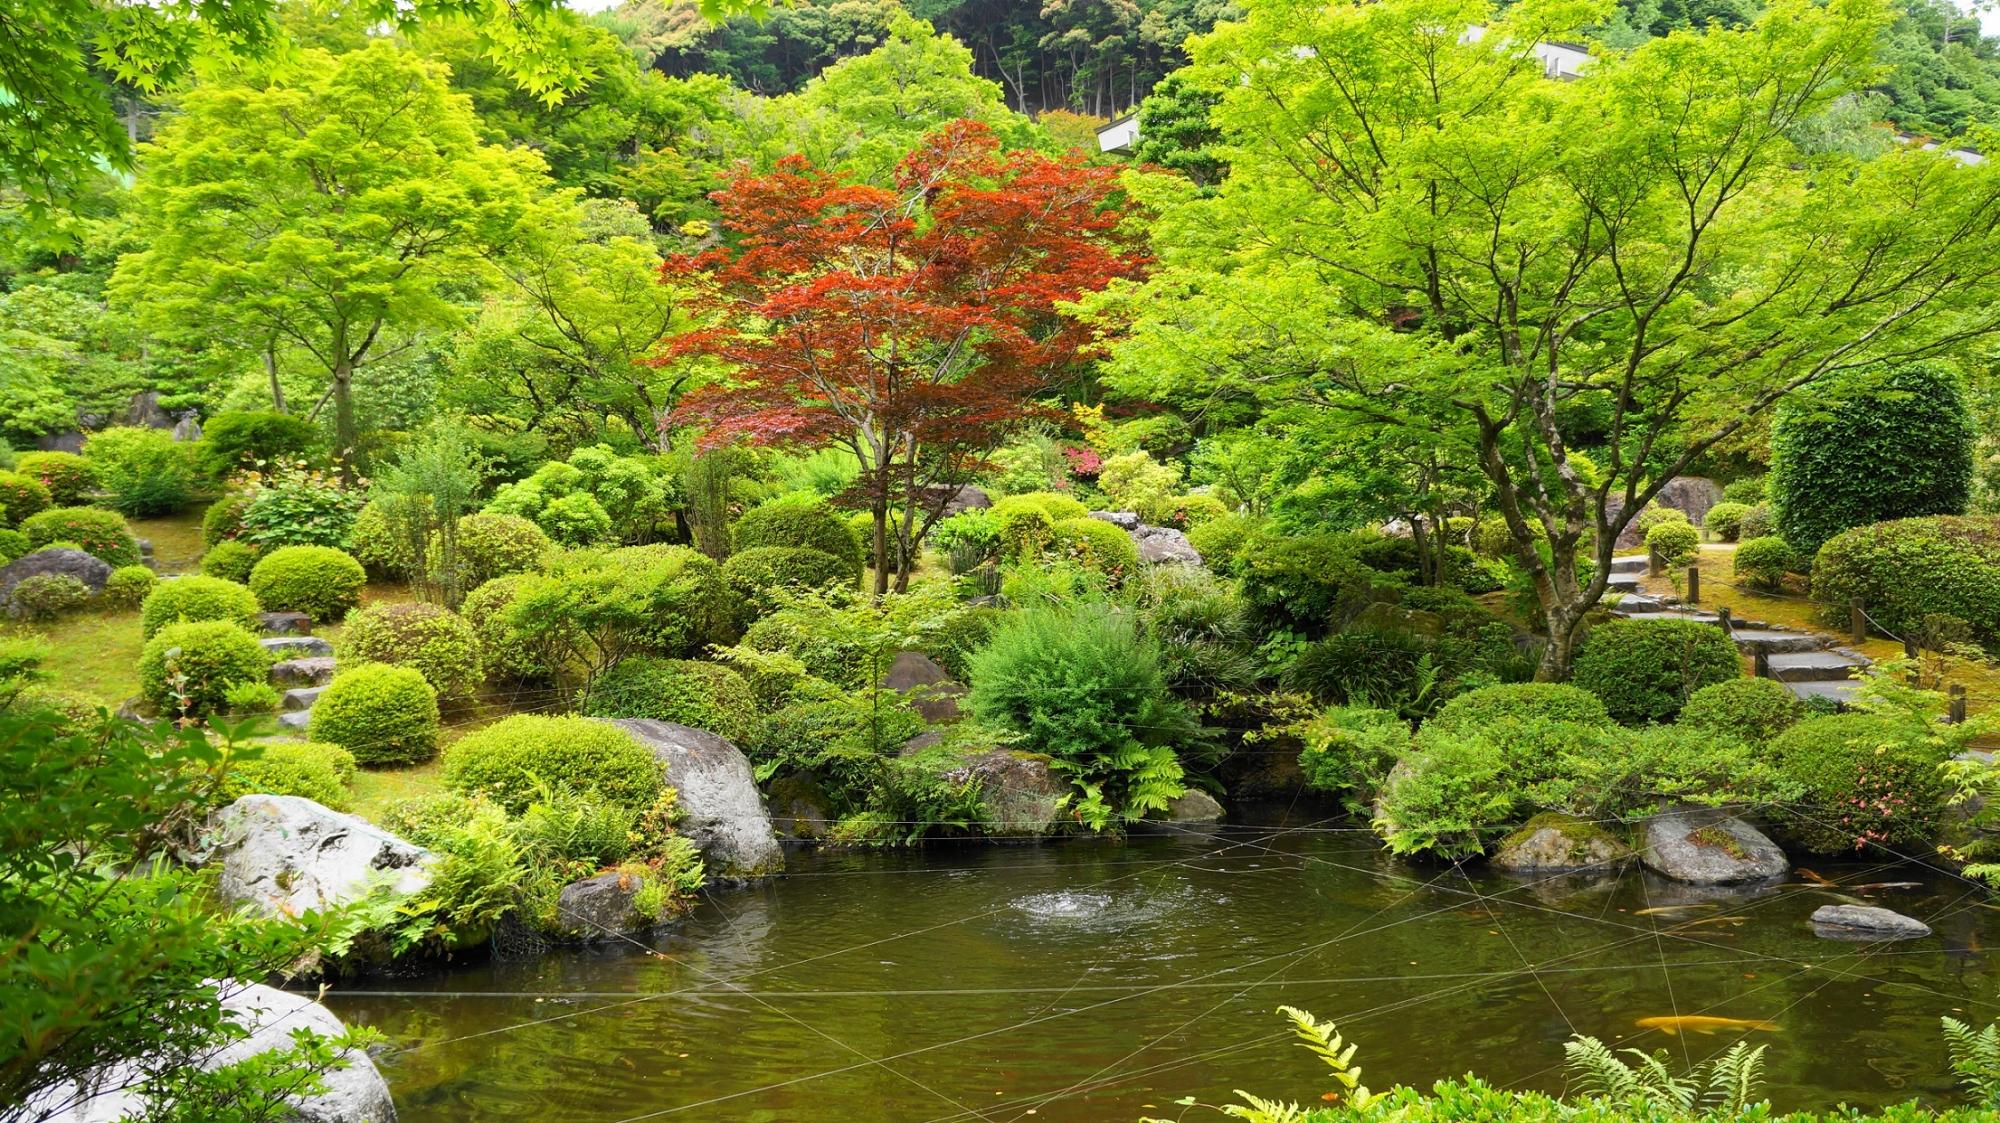 緑溢れる美しい水辺の景色の三室戸寺の池泉回遊式庭園